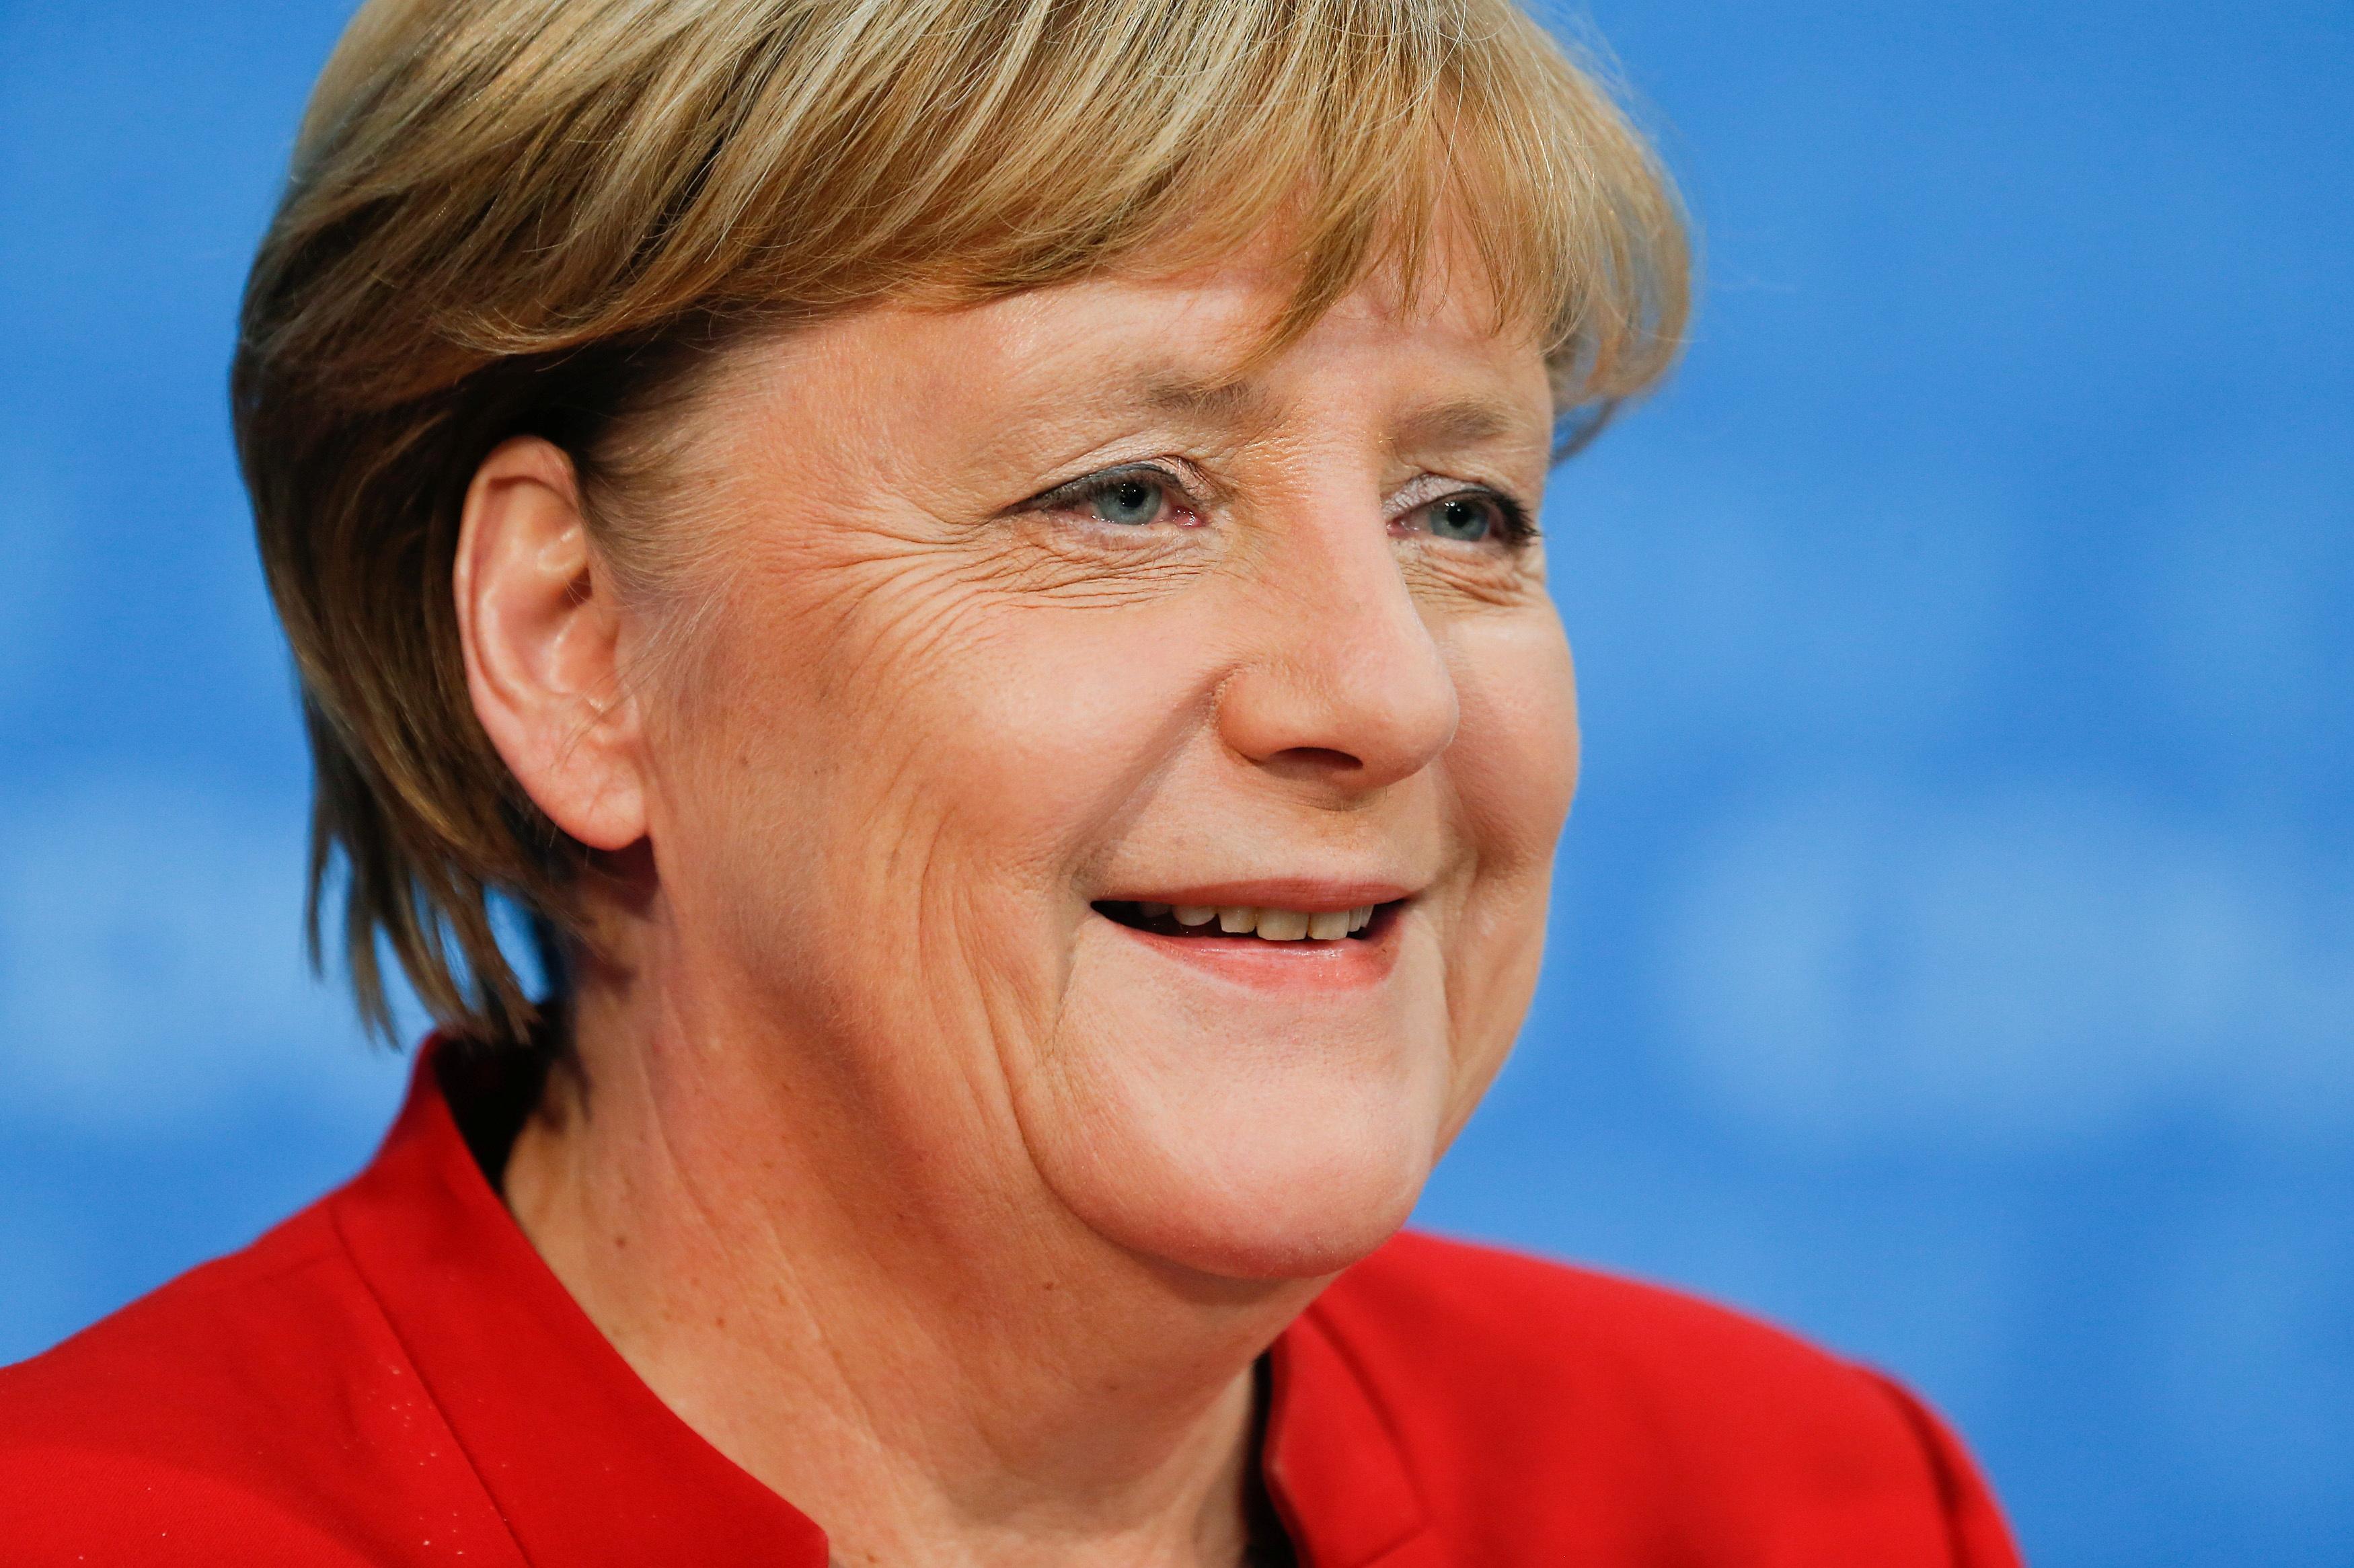 A reluctant feminist: Germany's Merkel still inspires many women